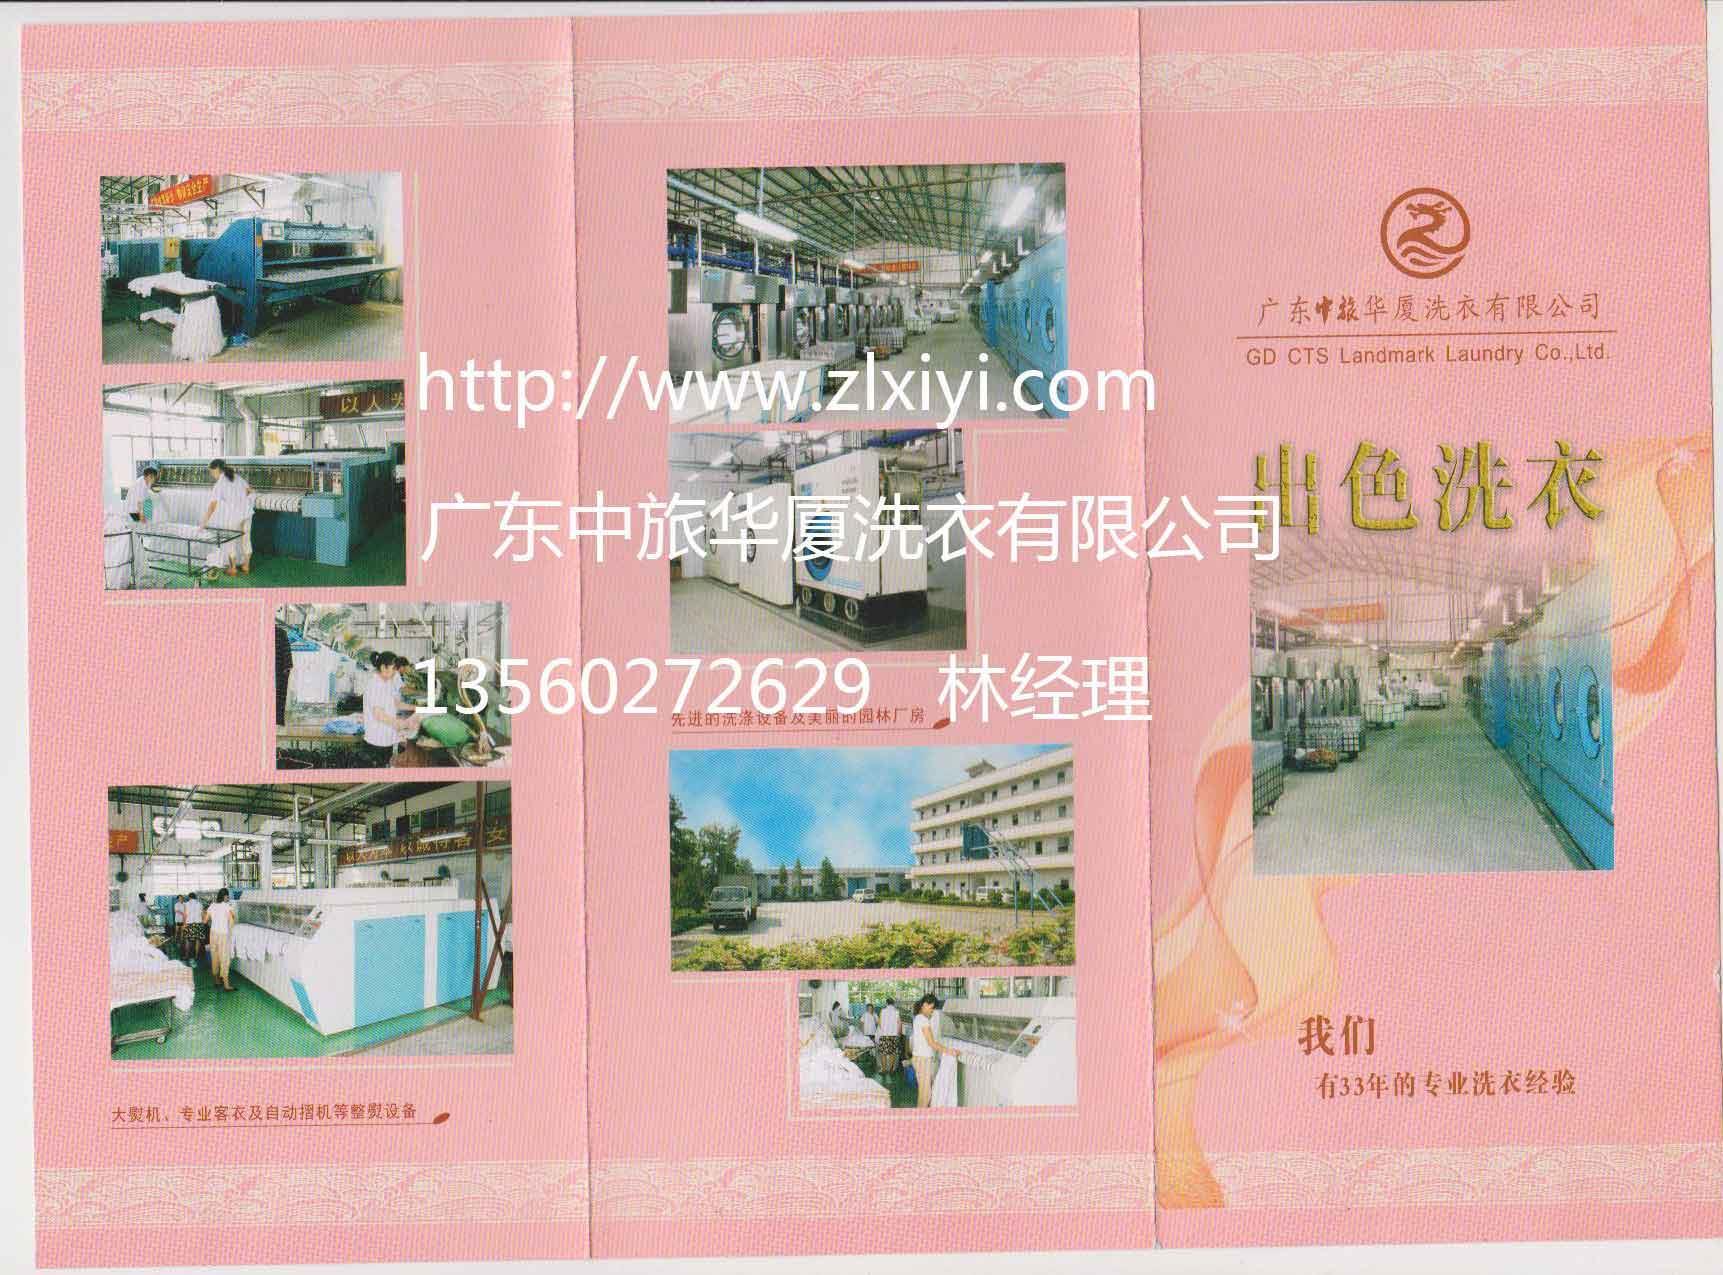 中旅华夏洗衣品牌招商代理加盟